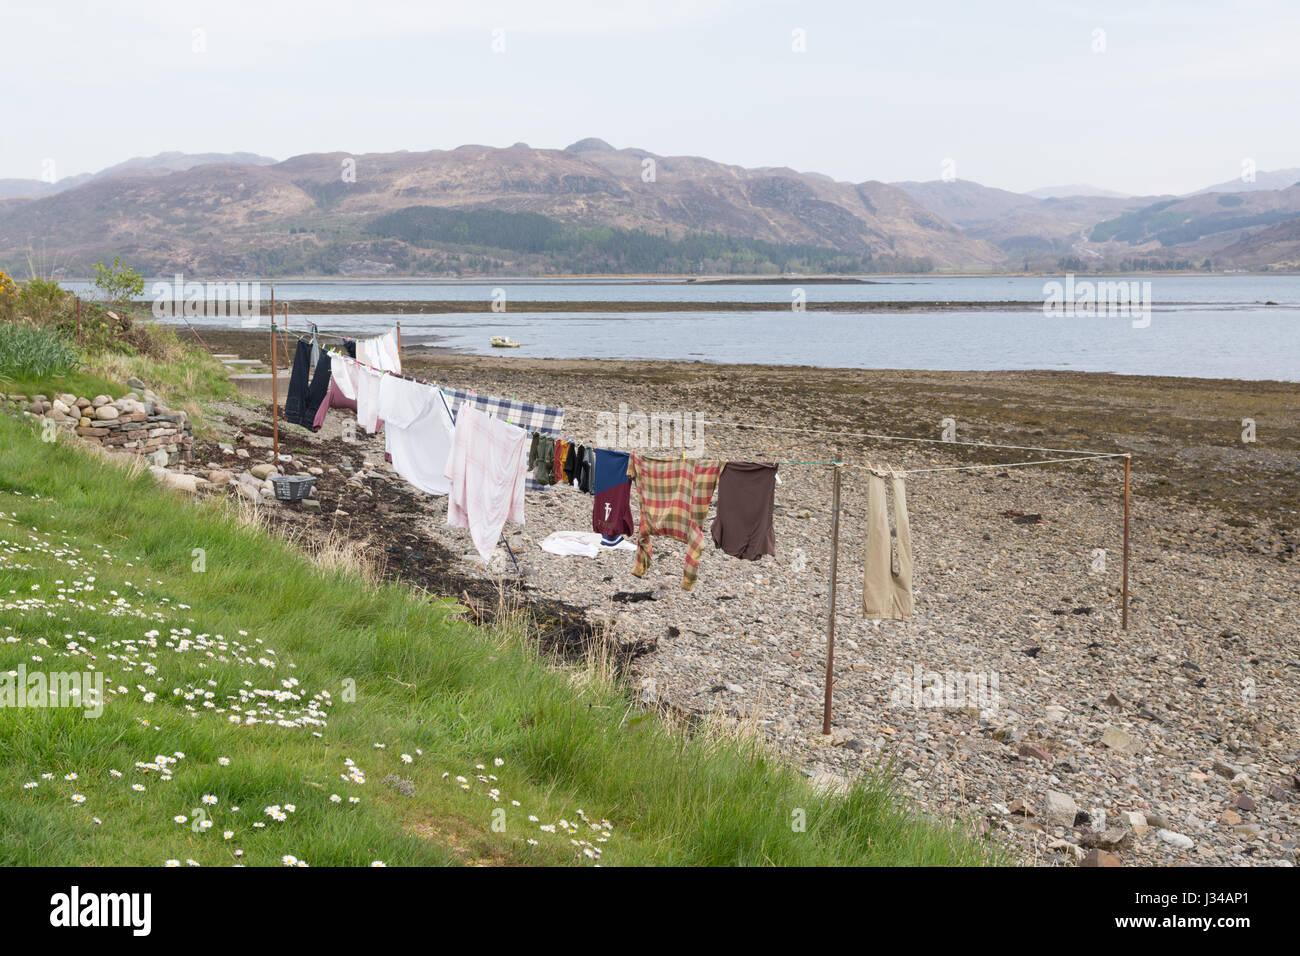 Le séchage des vêtements sur la ligne de lavage sur la plage à Lochcarron dans les Highlands écossais Photo Stock